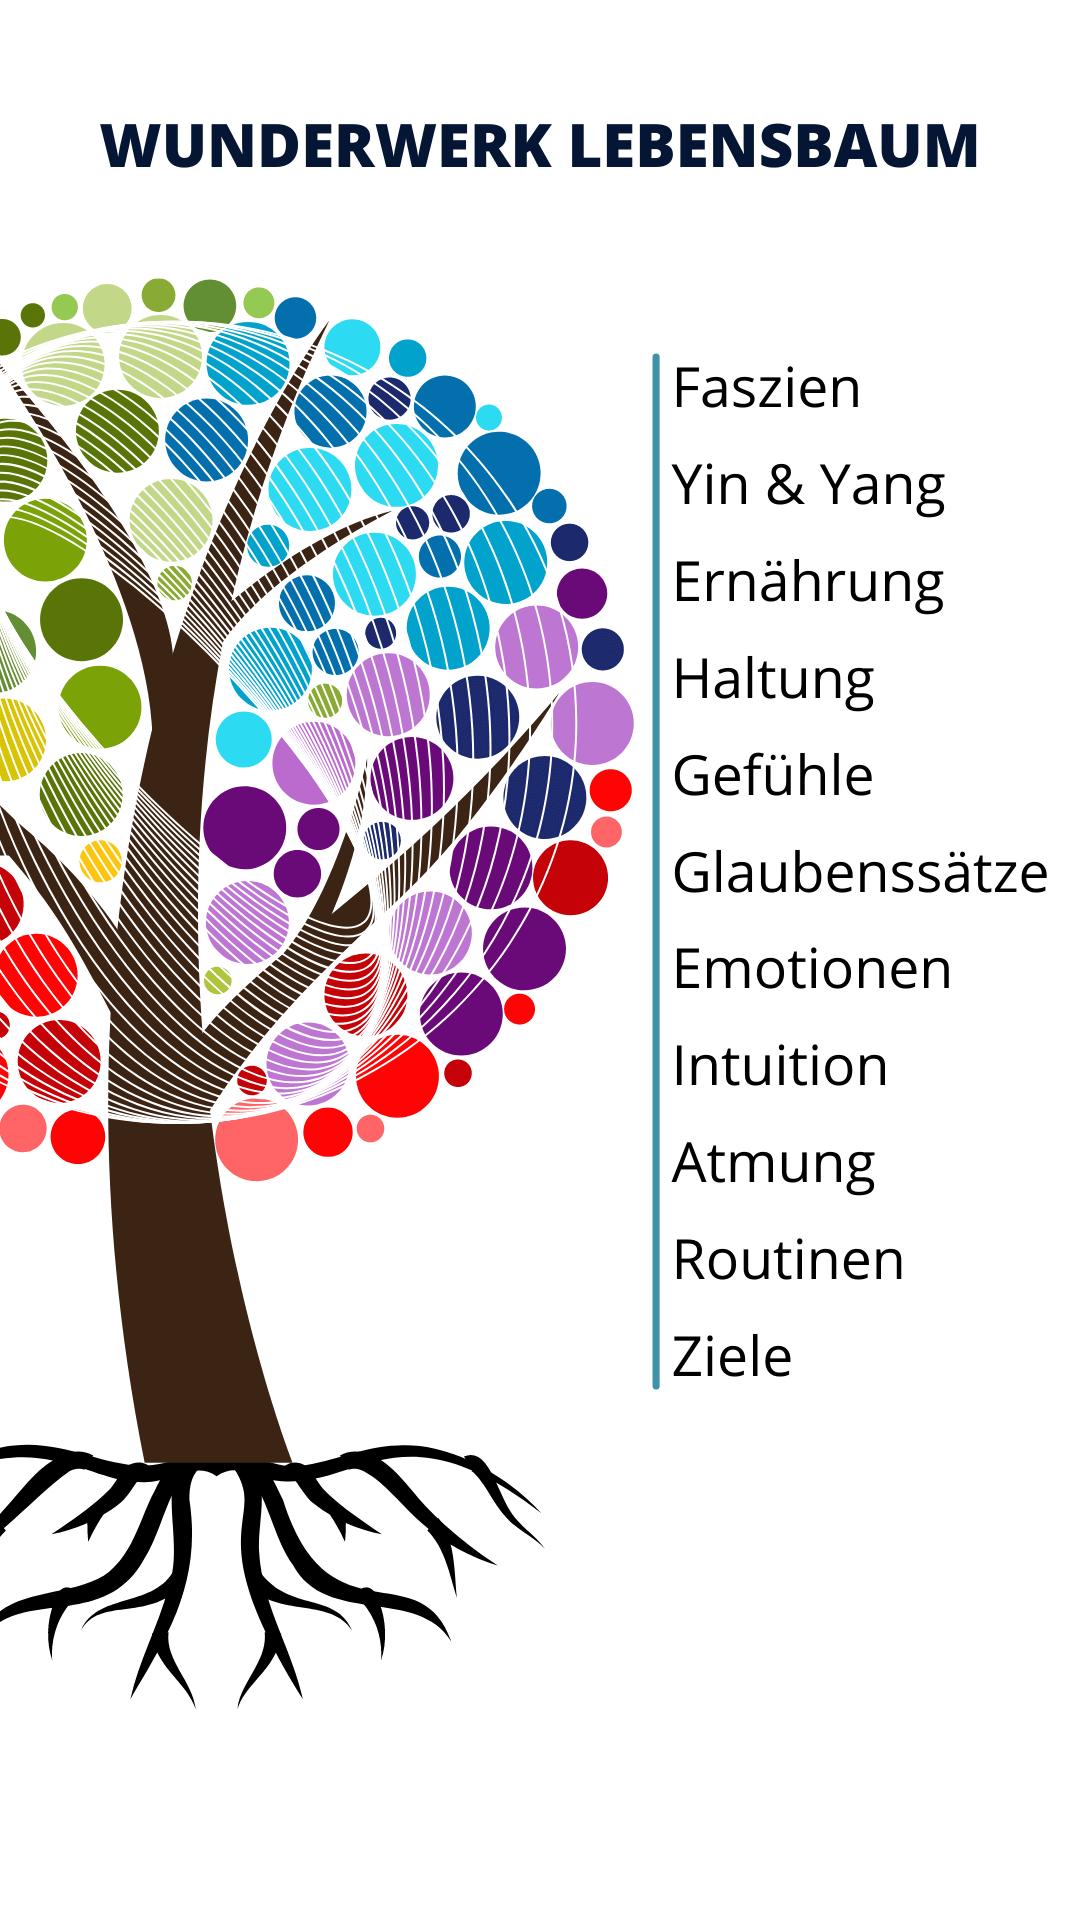 Wunderwerk Lebensbaum Philipp Voß